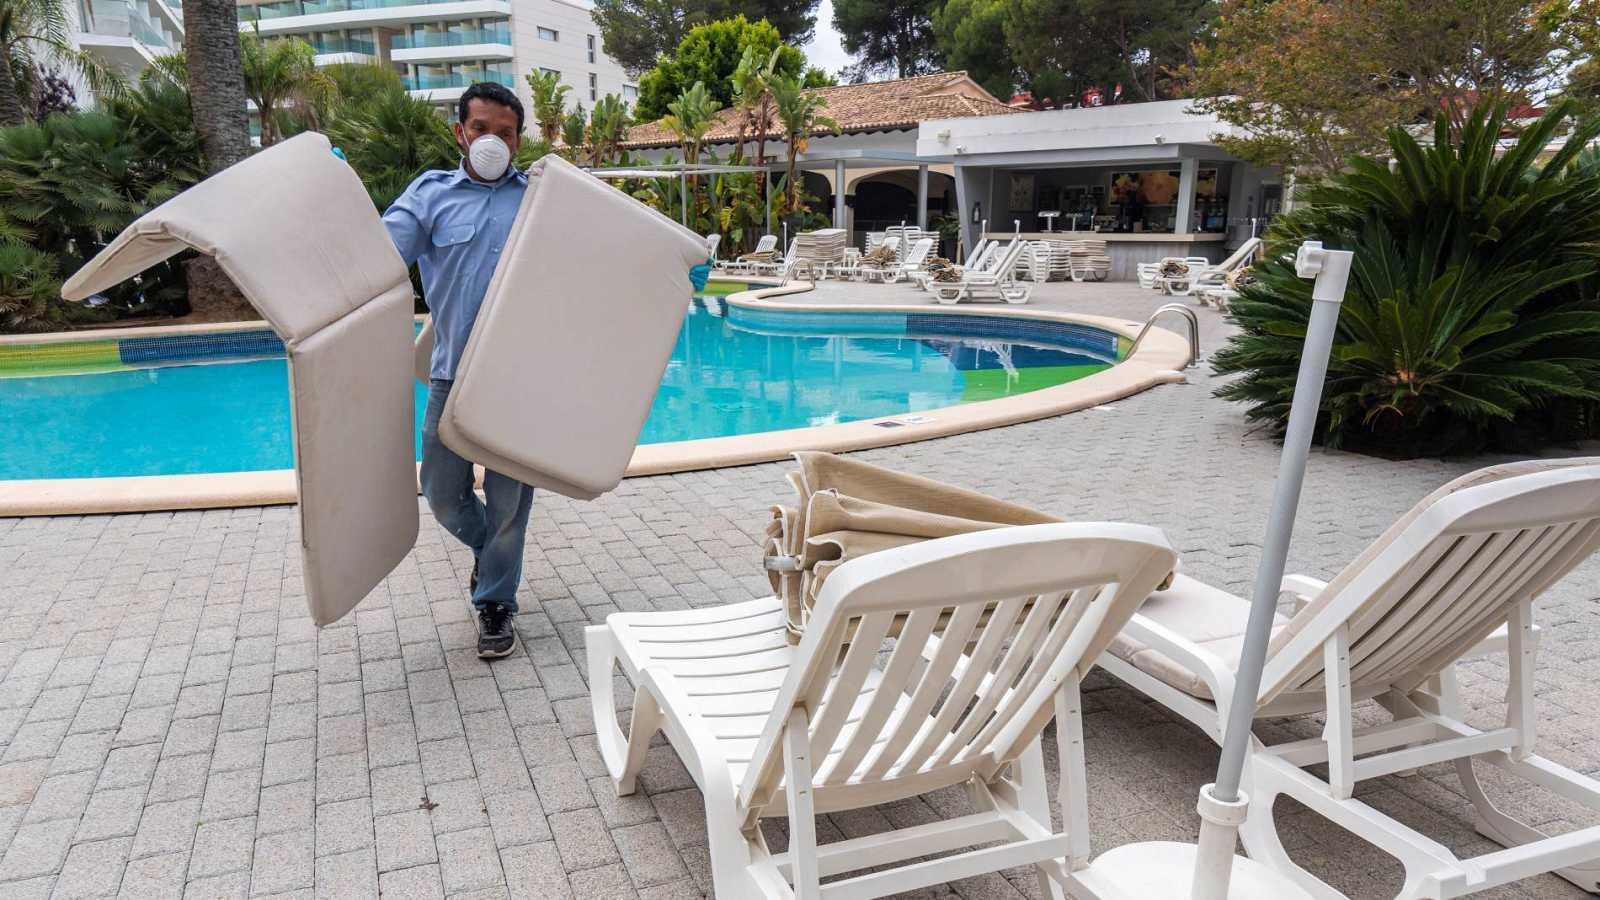 Un trabajador de un hotel prepara las zonas exteriores del complejo para recibir a los turistas